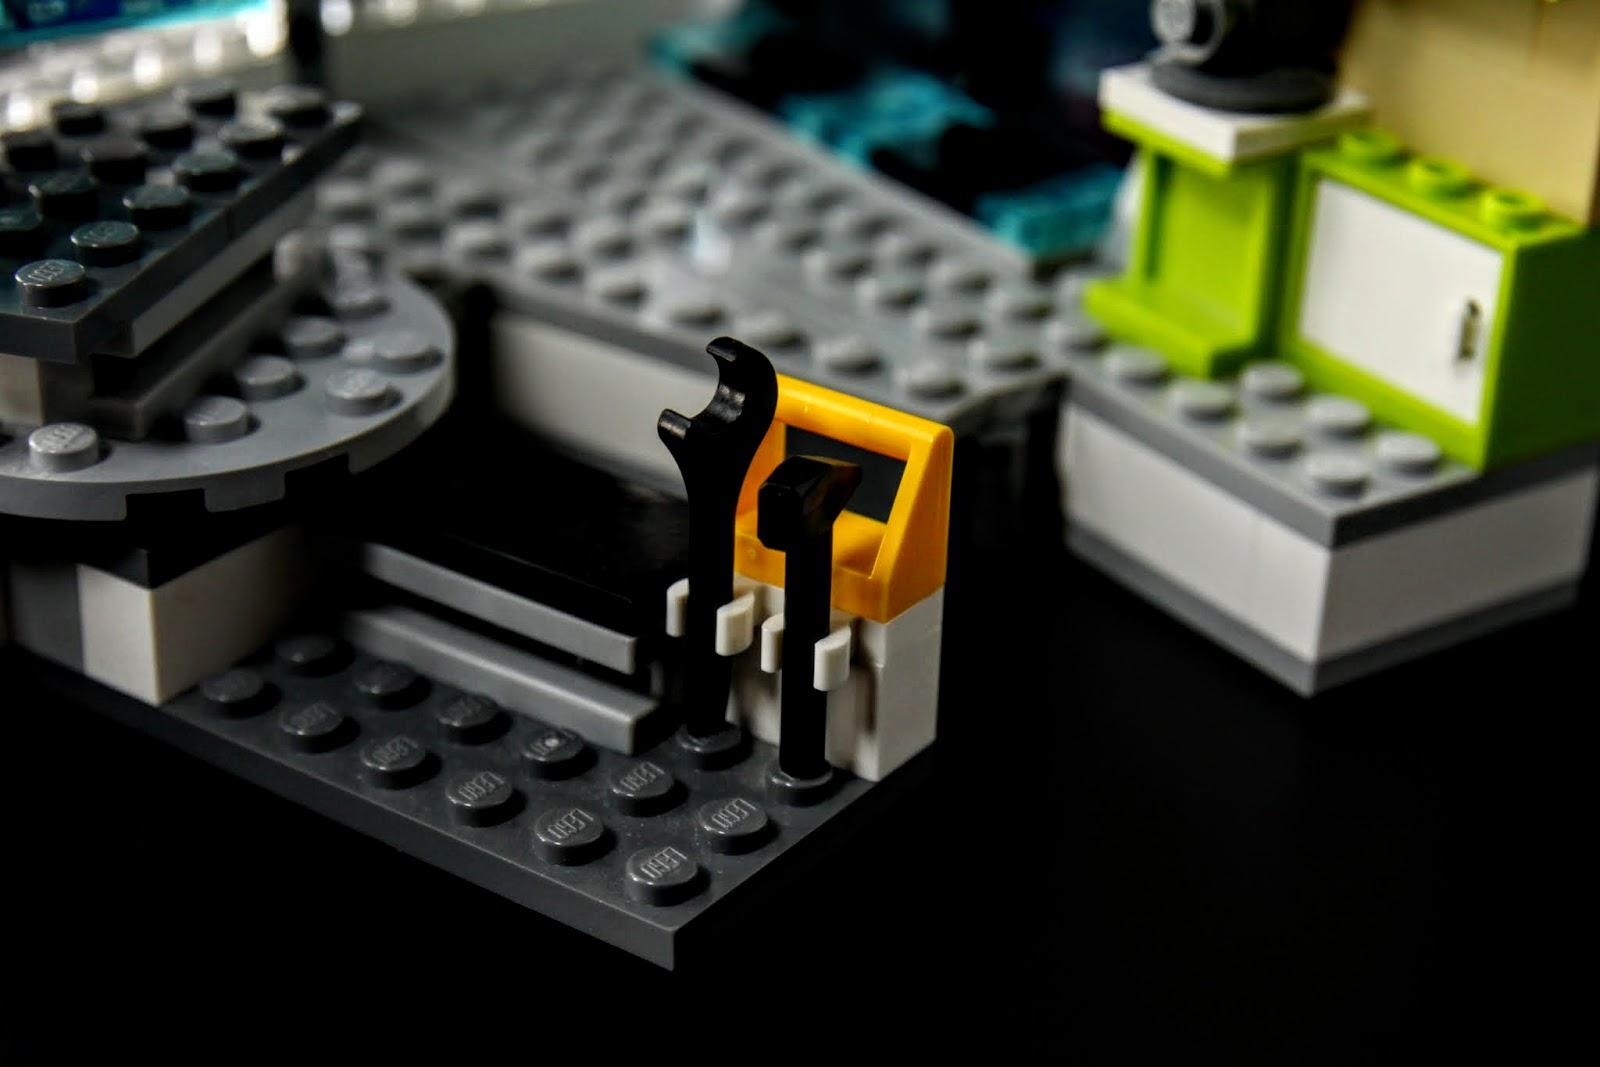 身為一個工程人員,家裡有幾把片機跟鐵鎚也是很正常的事